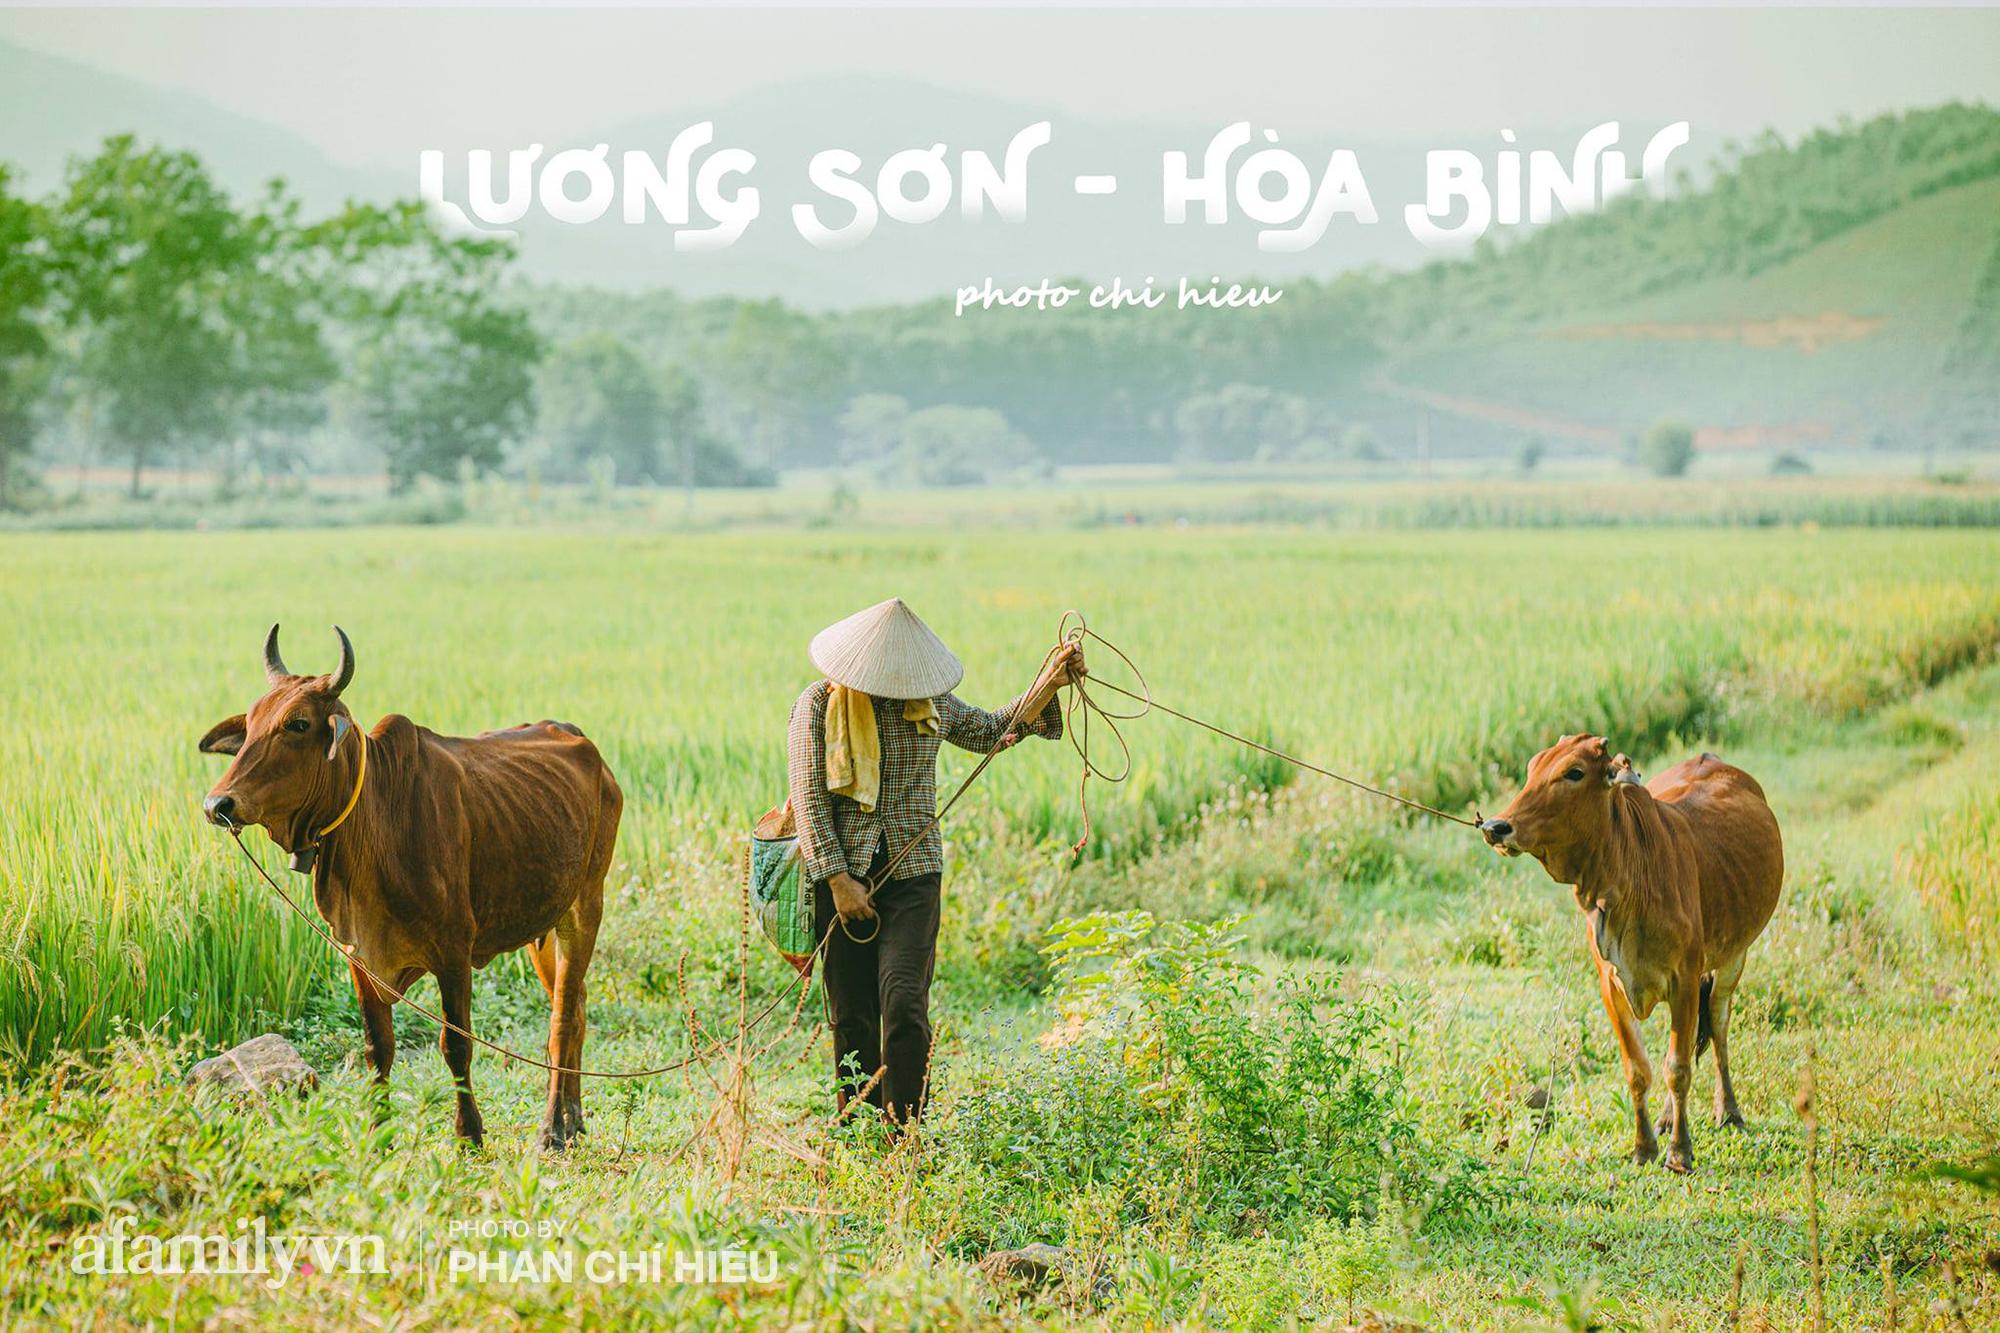 Ngôi làng độc nhất Việt Nam sở hữu